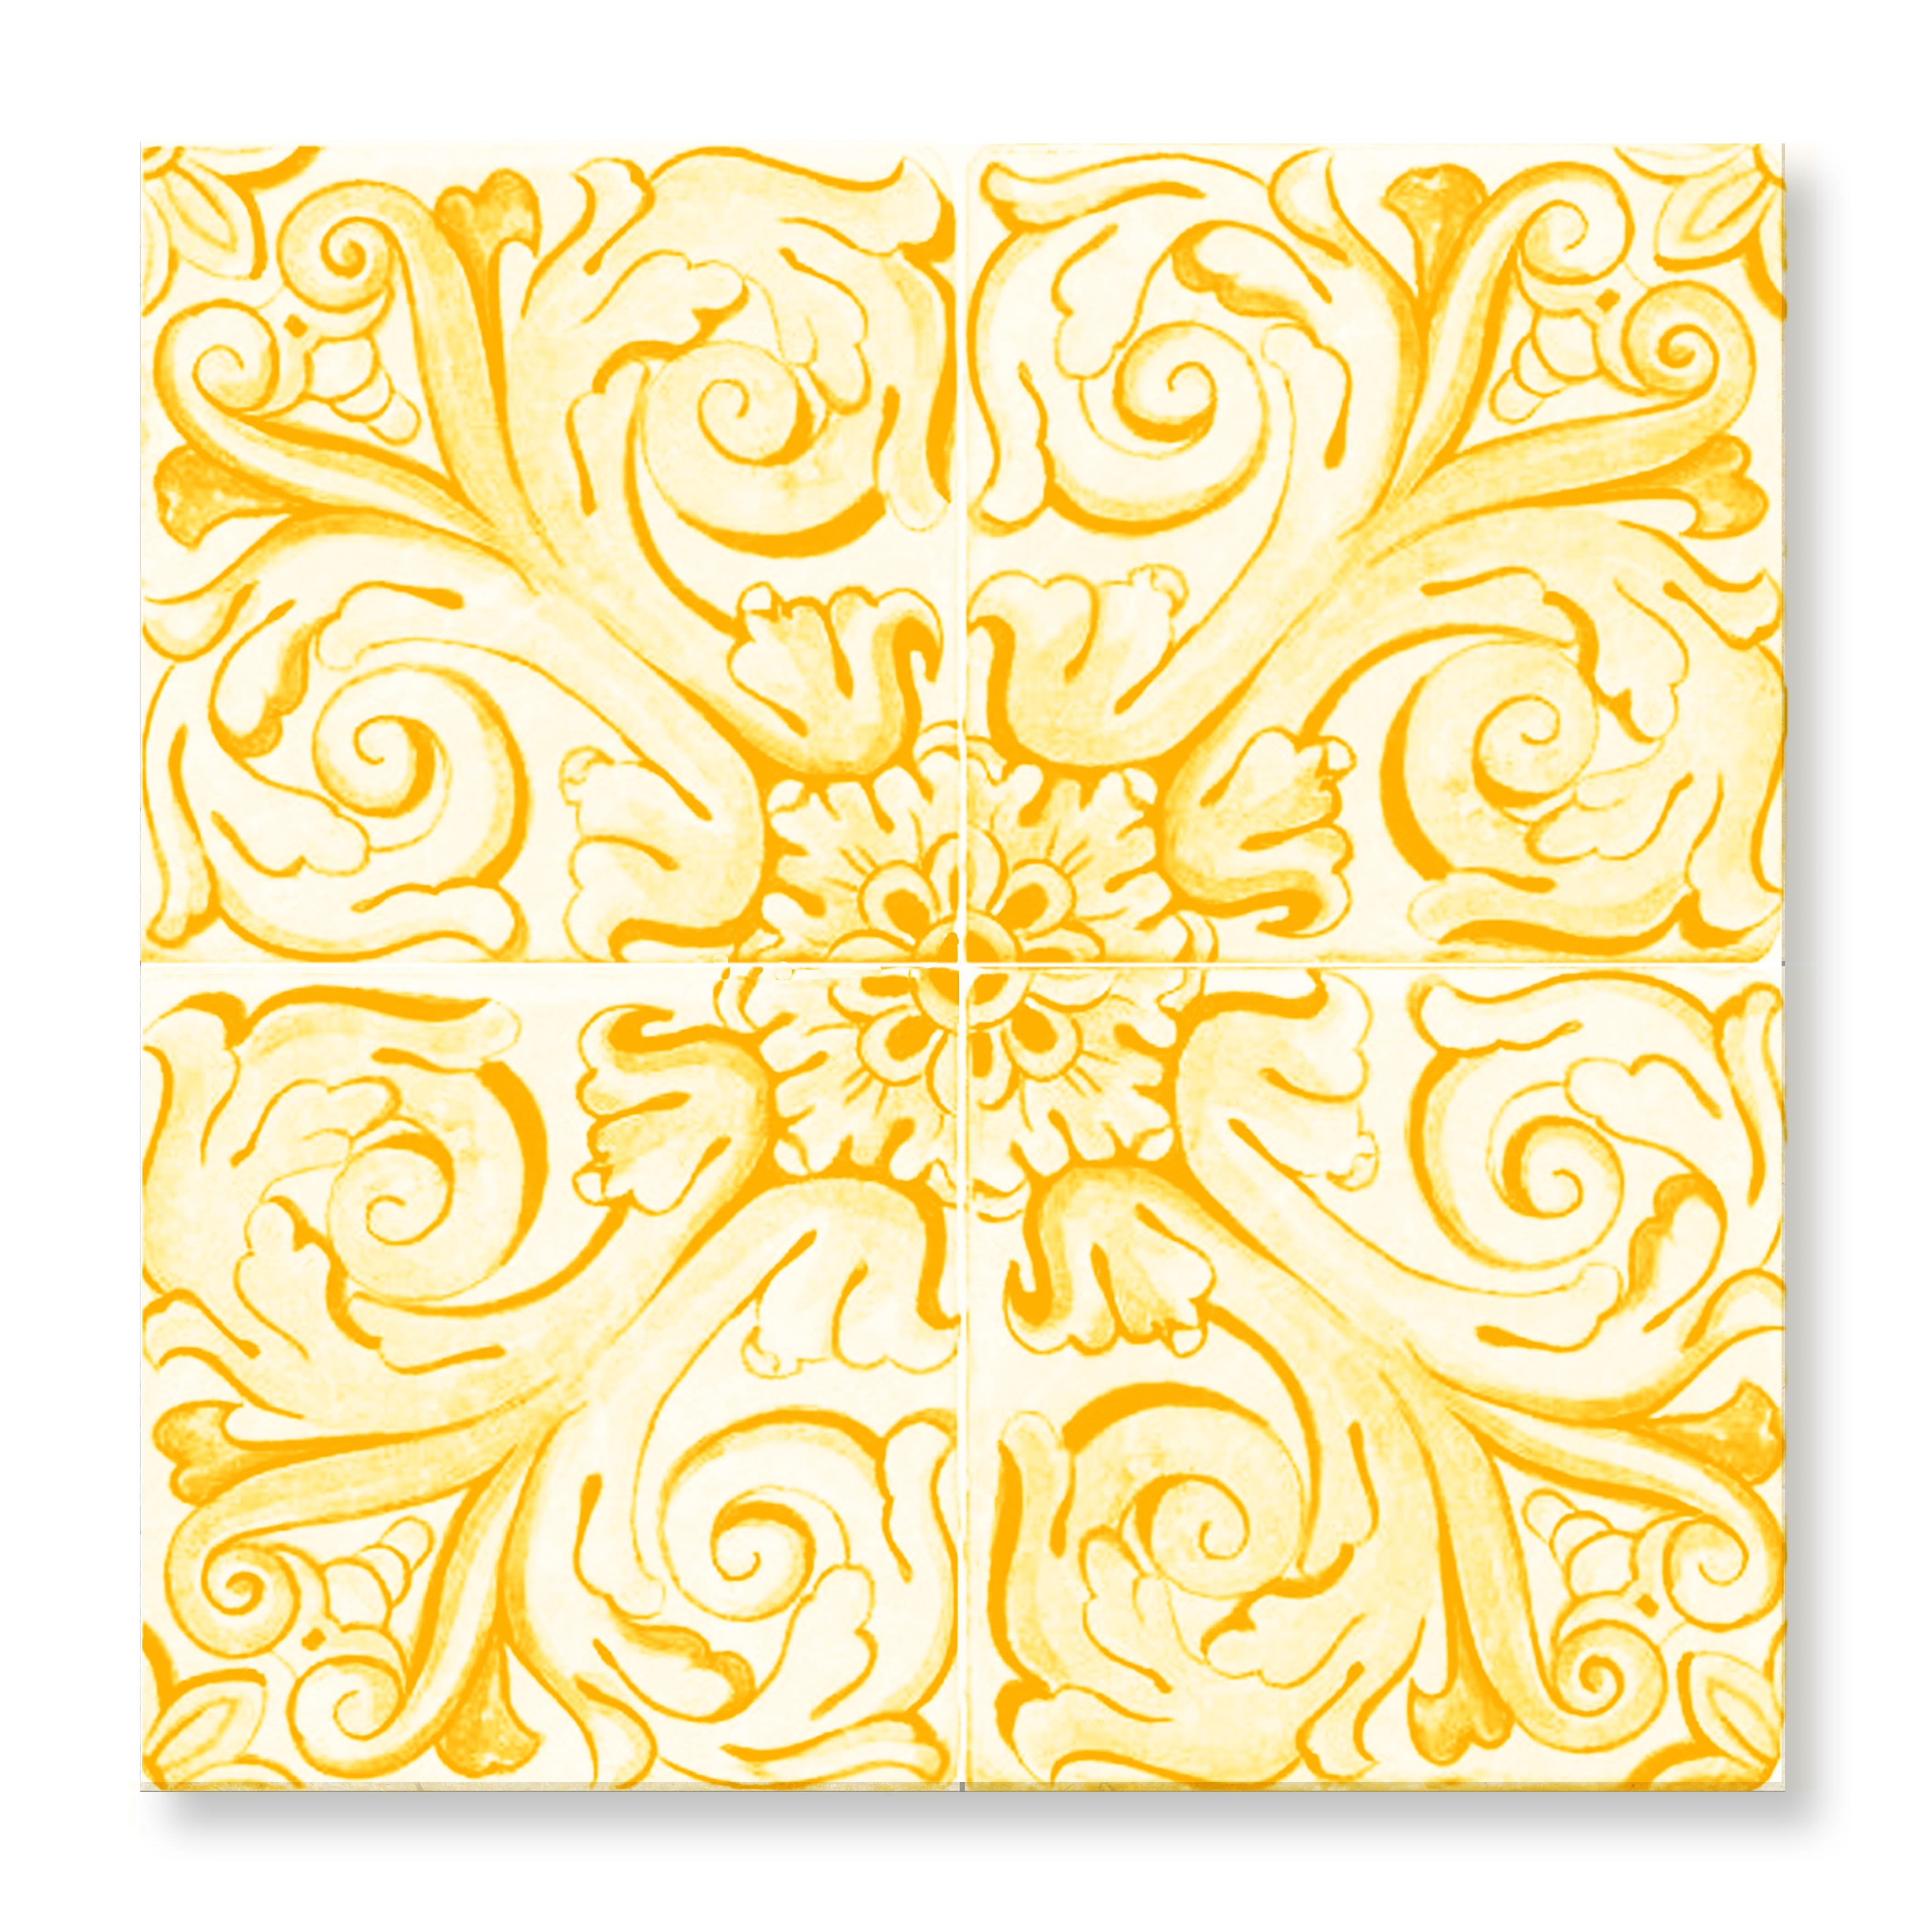 T cle tilevera 17thc fleur de lys yellow300 P